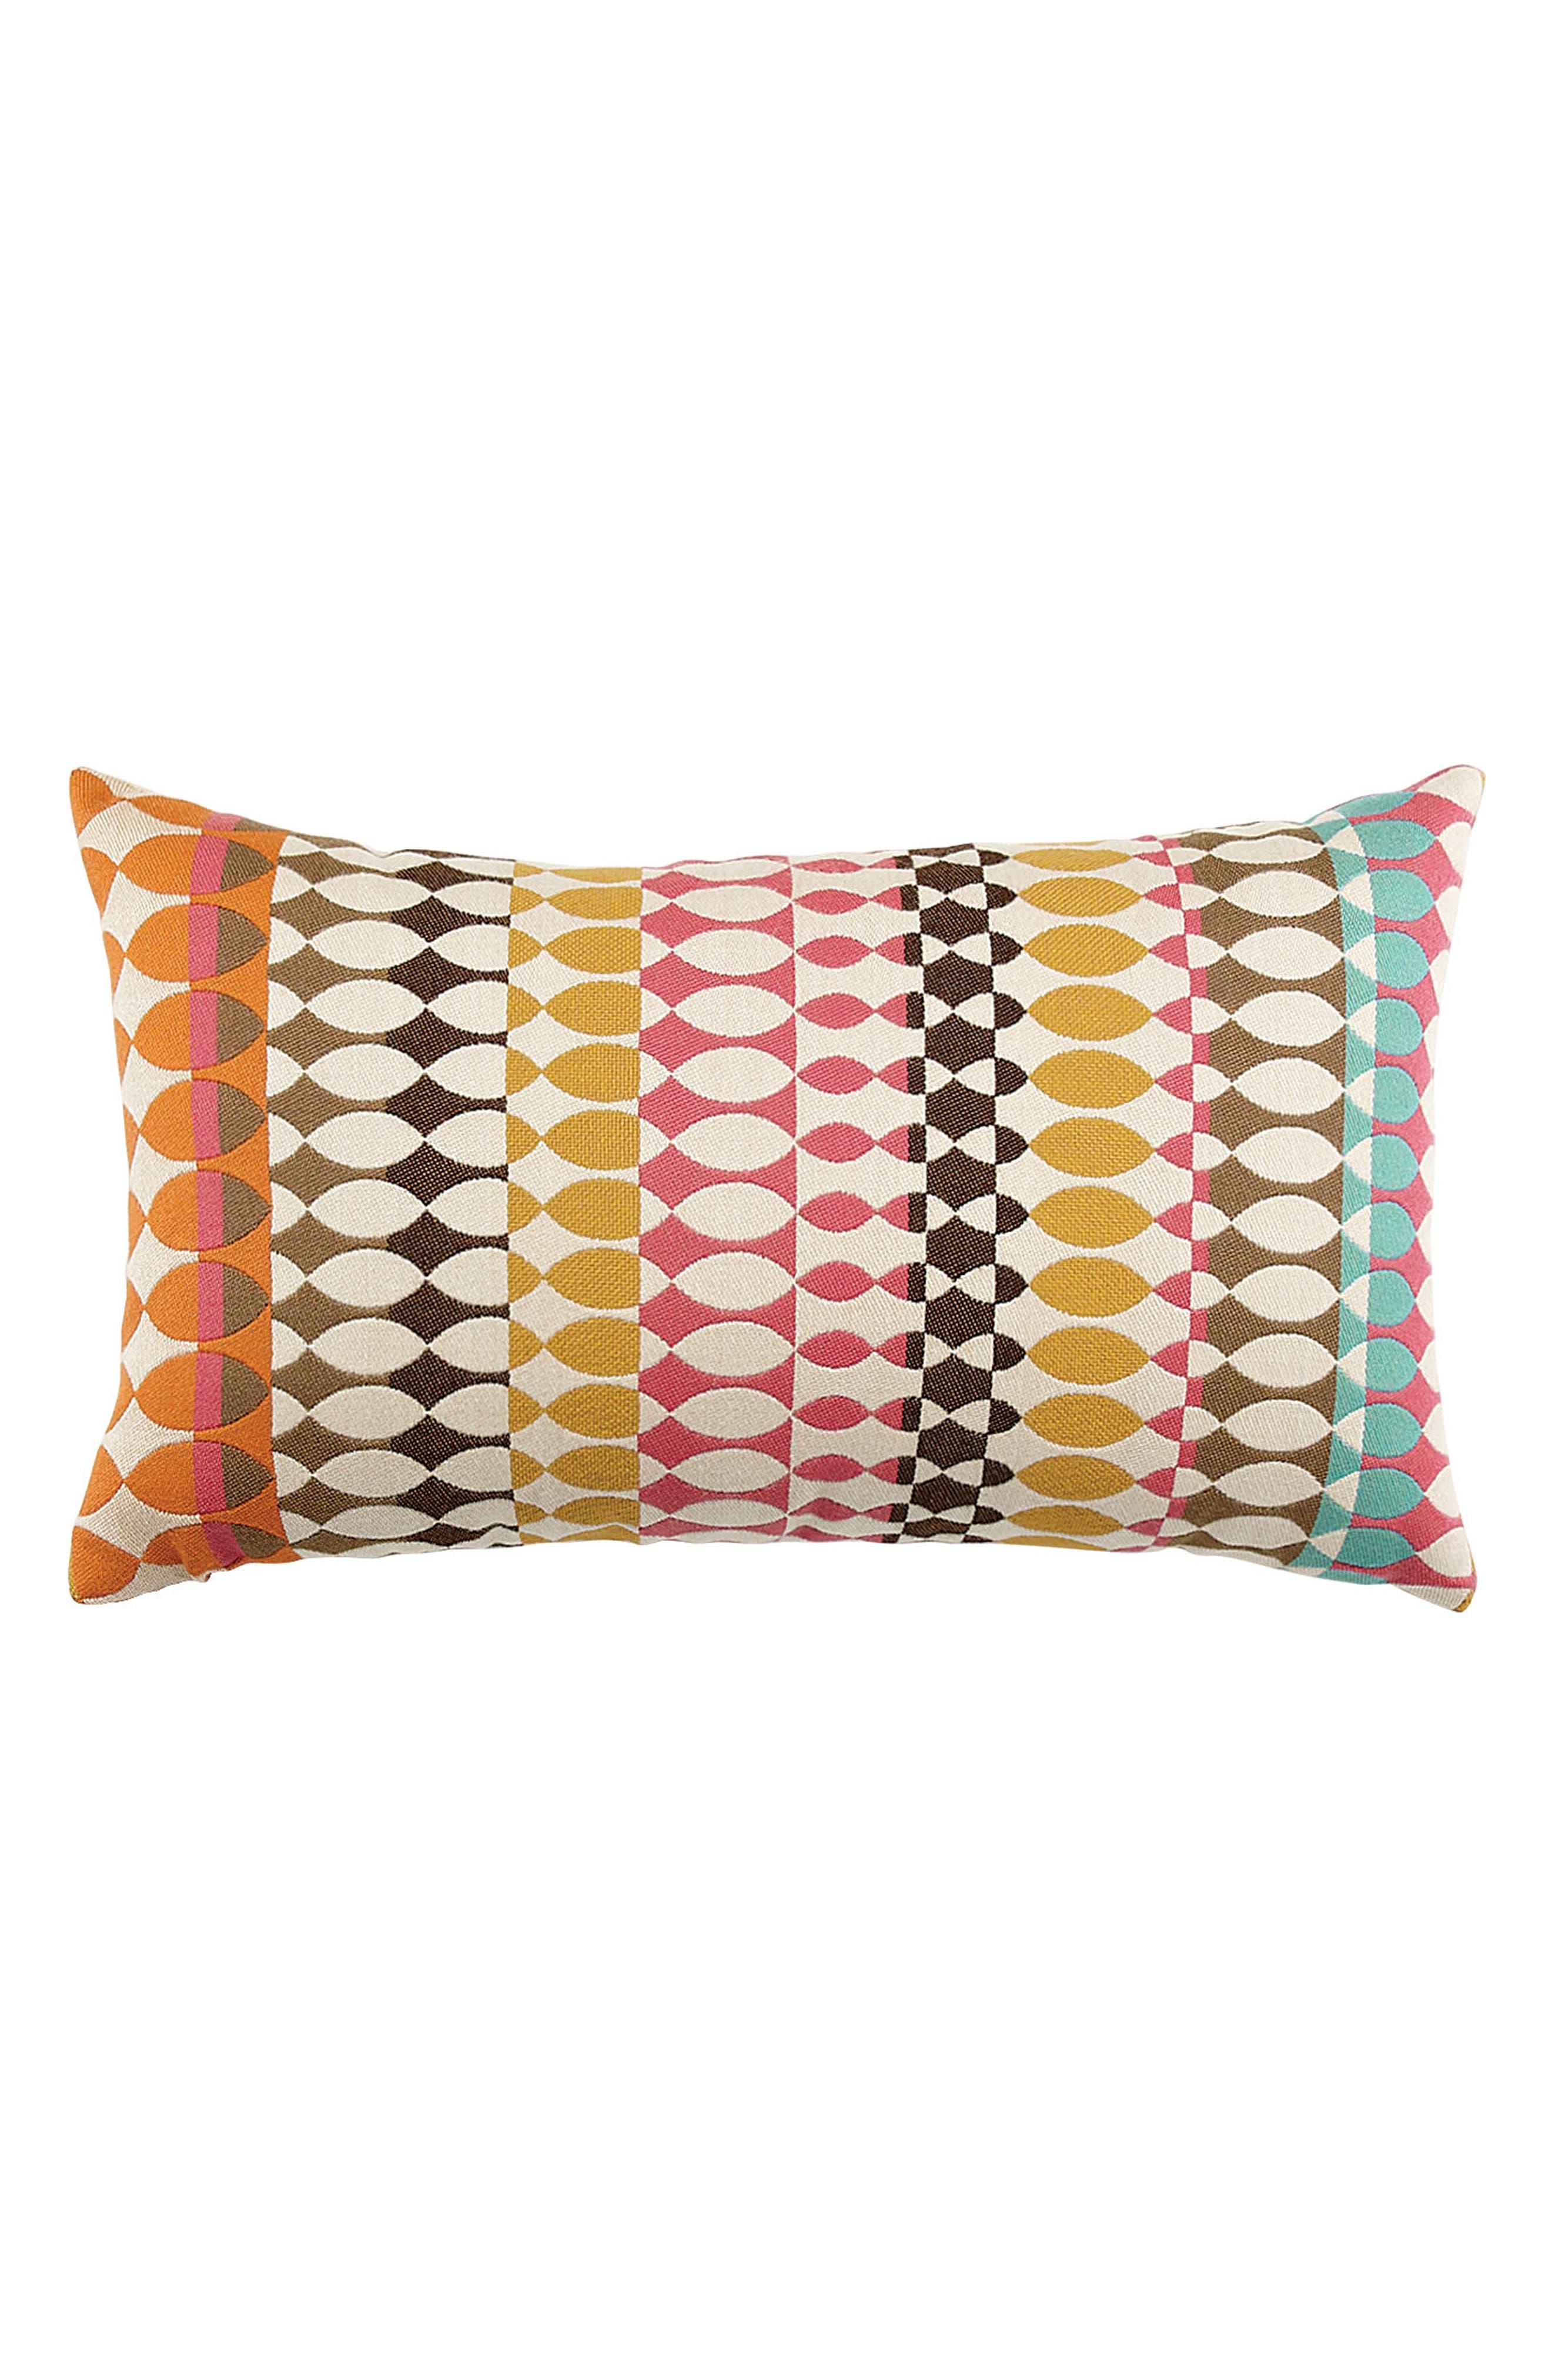 Modern Oval Candy Lumbar Pillow,                             Main thumbnail 1, color,                             PINK MULTI